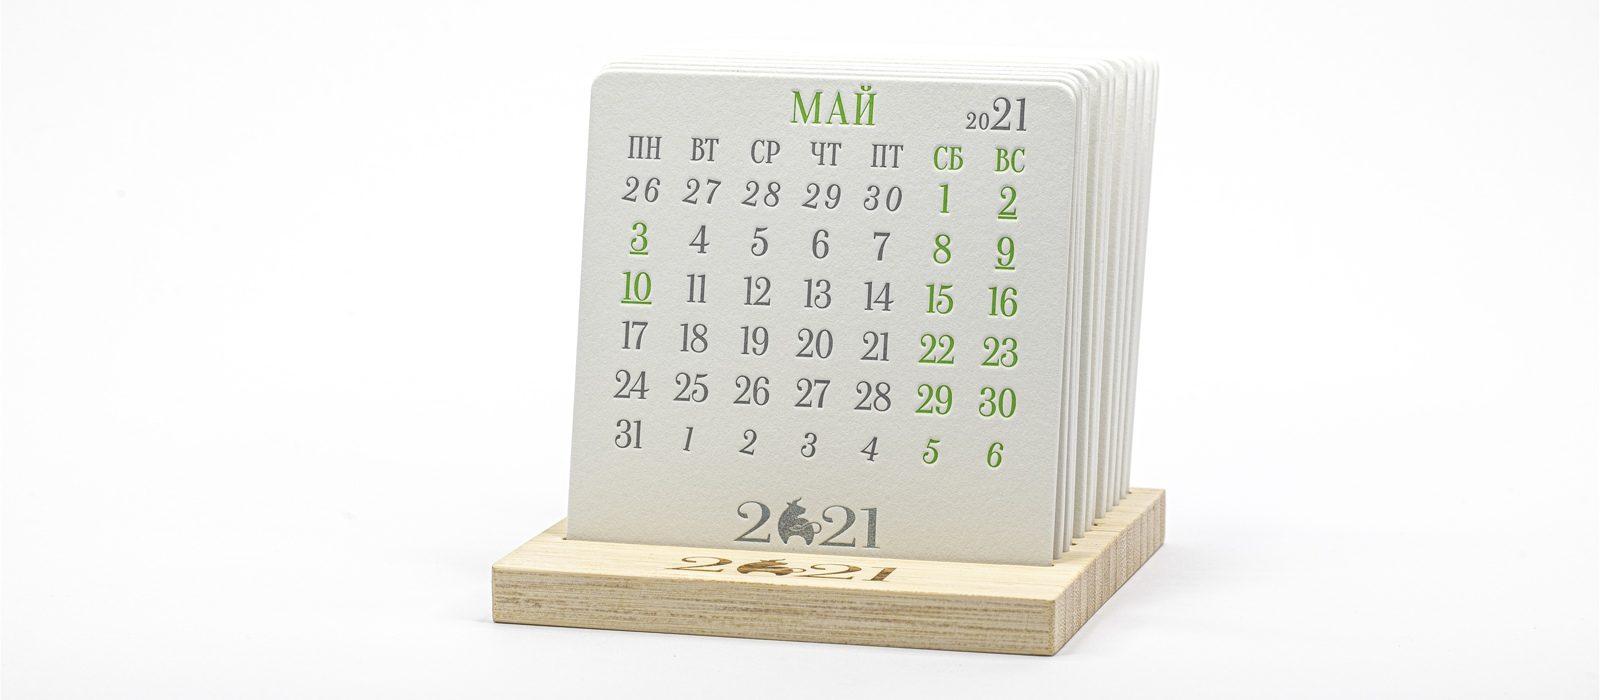 Эко календарь 2021 на подставке из бамбука